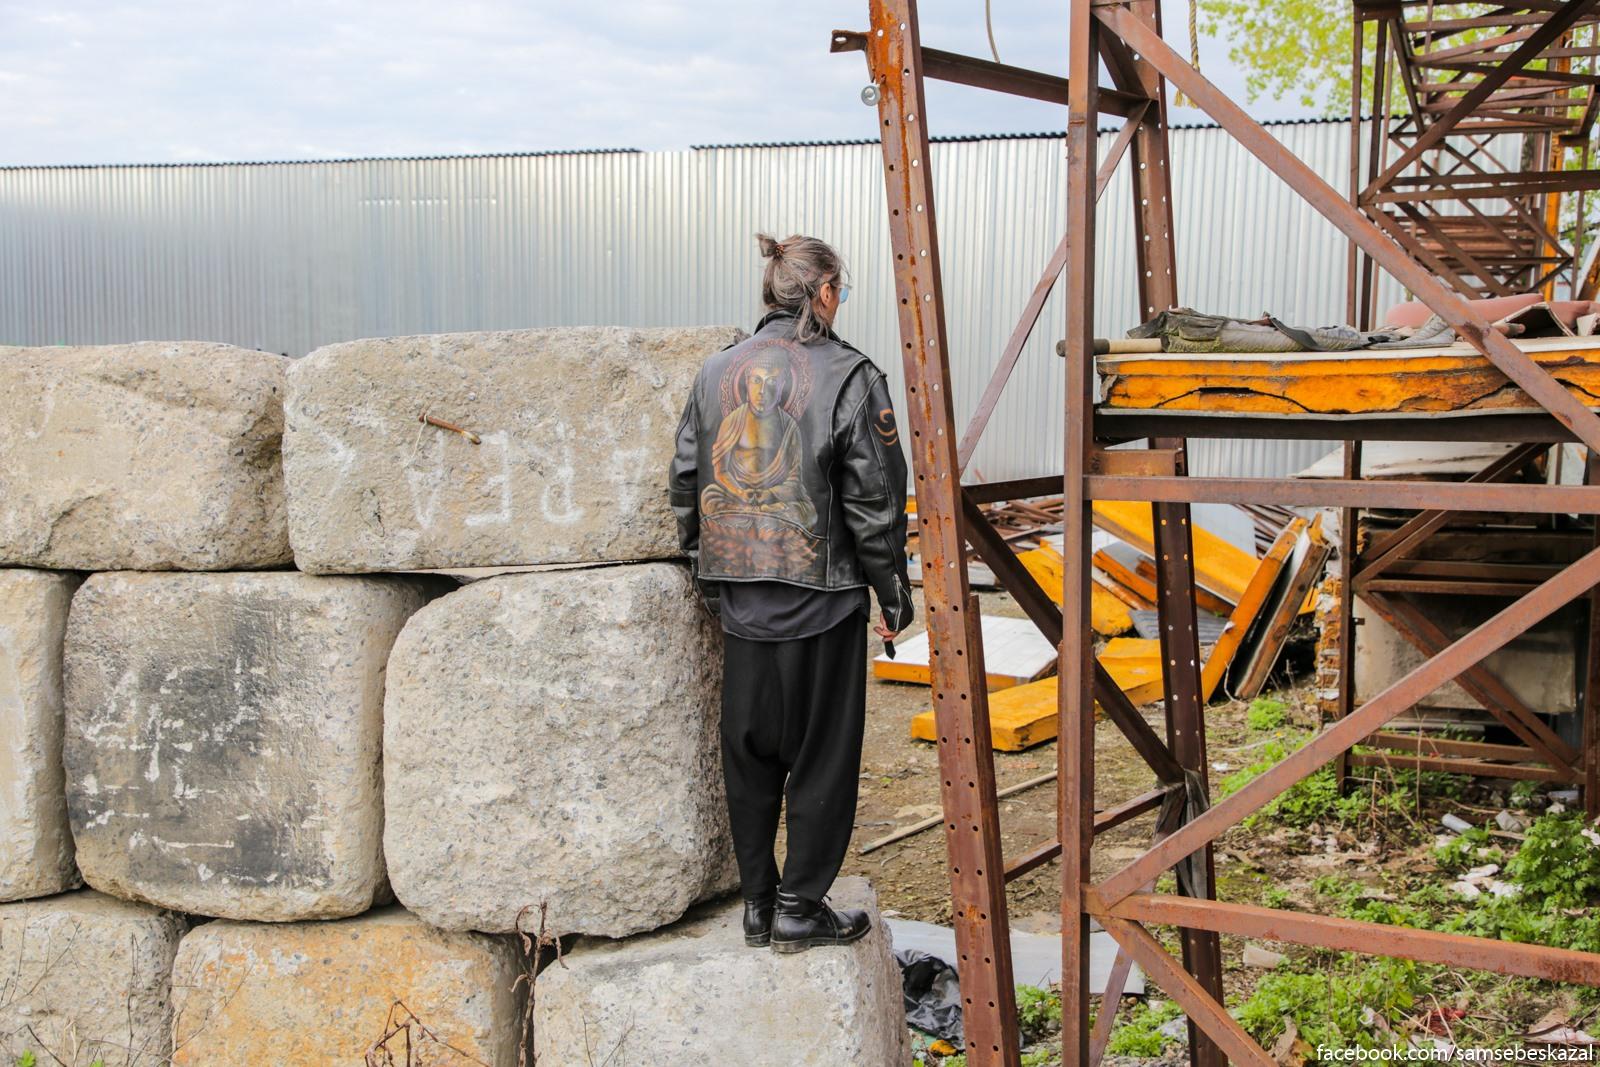 Kakie-to polaki konceptualisty ustroili v Zeleznom Treugolʹnike installaciu posvasennuu stene Trampa. Cuvak, kstati, horoso govoril po-russki.